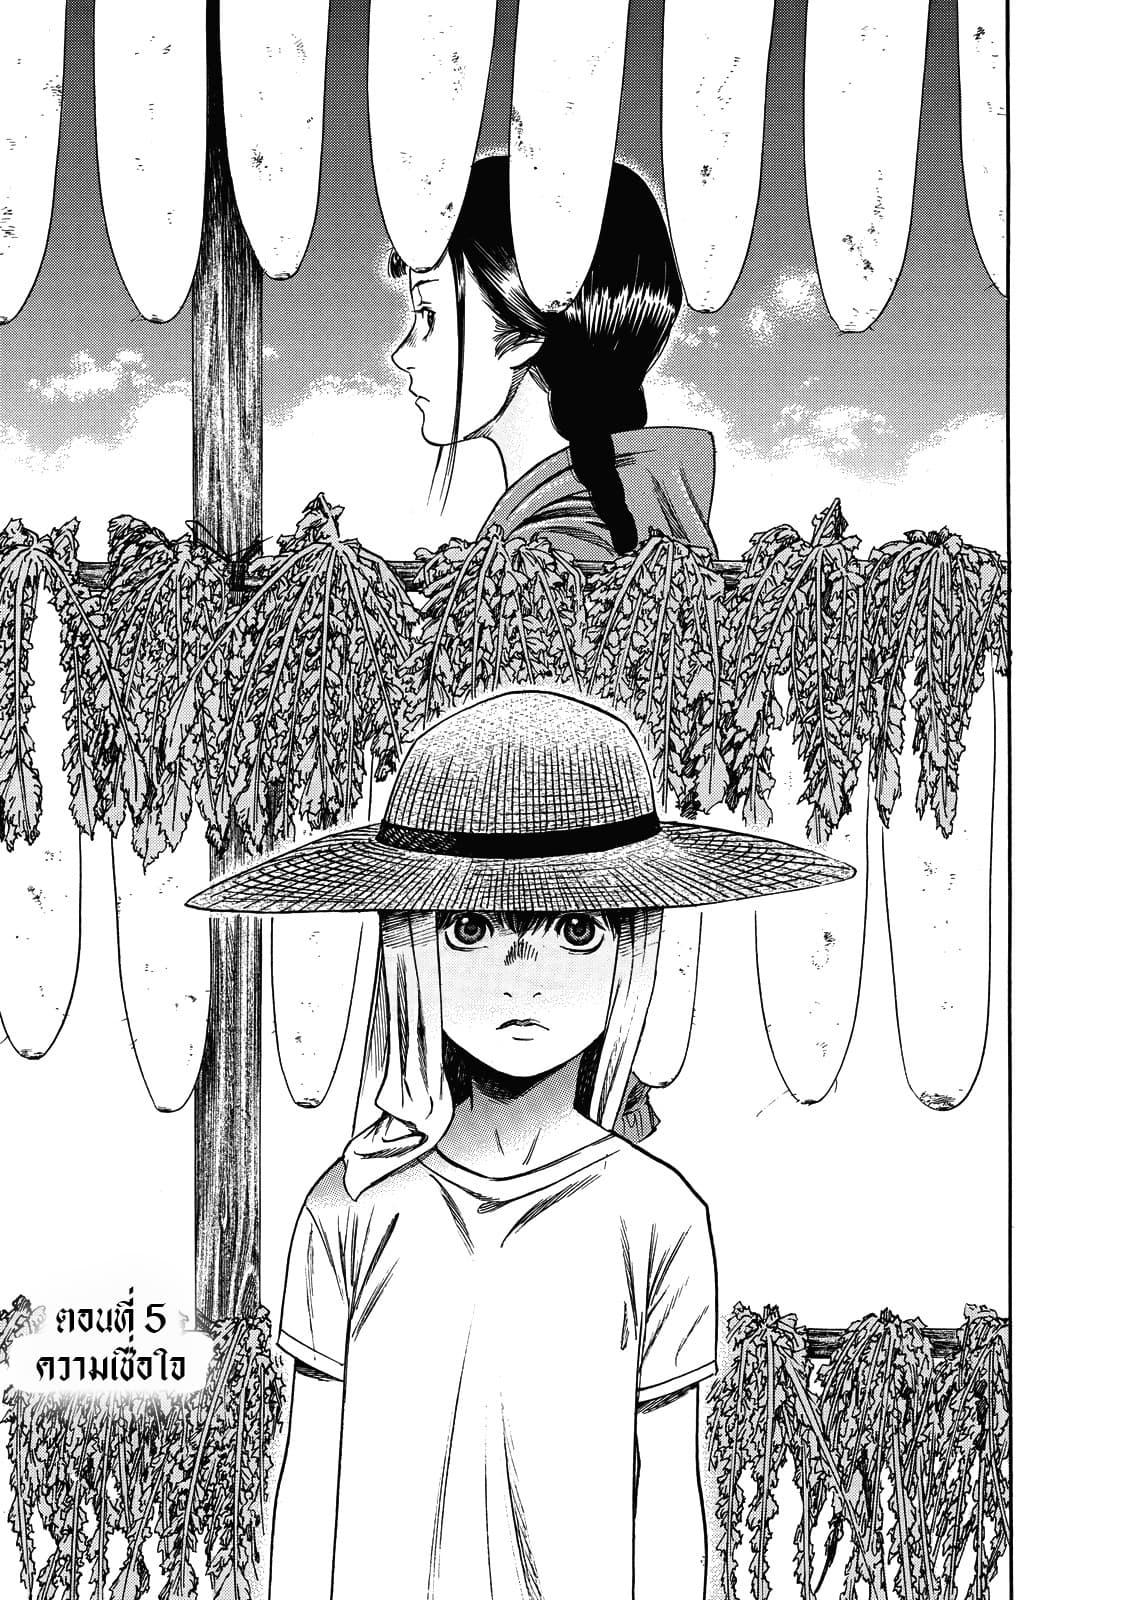 อ่านการ์ตูน Suzuki-san wa Tada Shizuka ni Kurashitai ตอนที่ 5 หน้าที่ 3